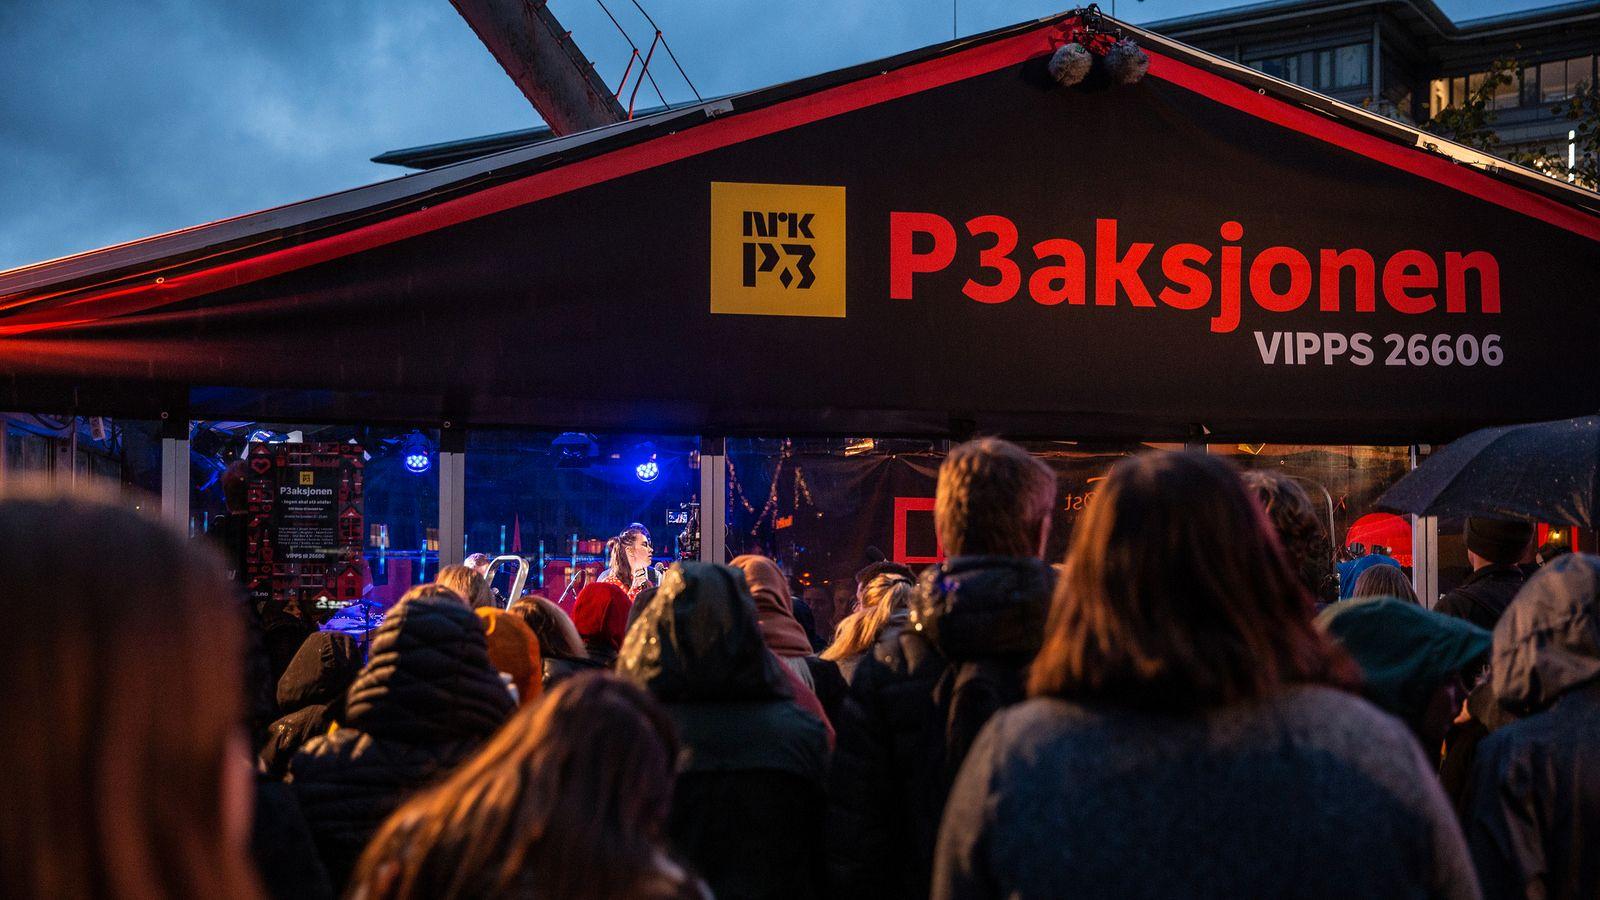 P3aksjonen Fikk Inn Over 7 8 Millioner Kroner Vg